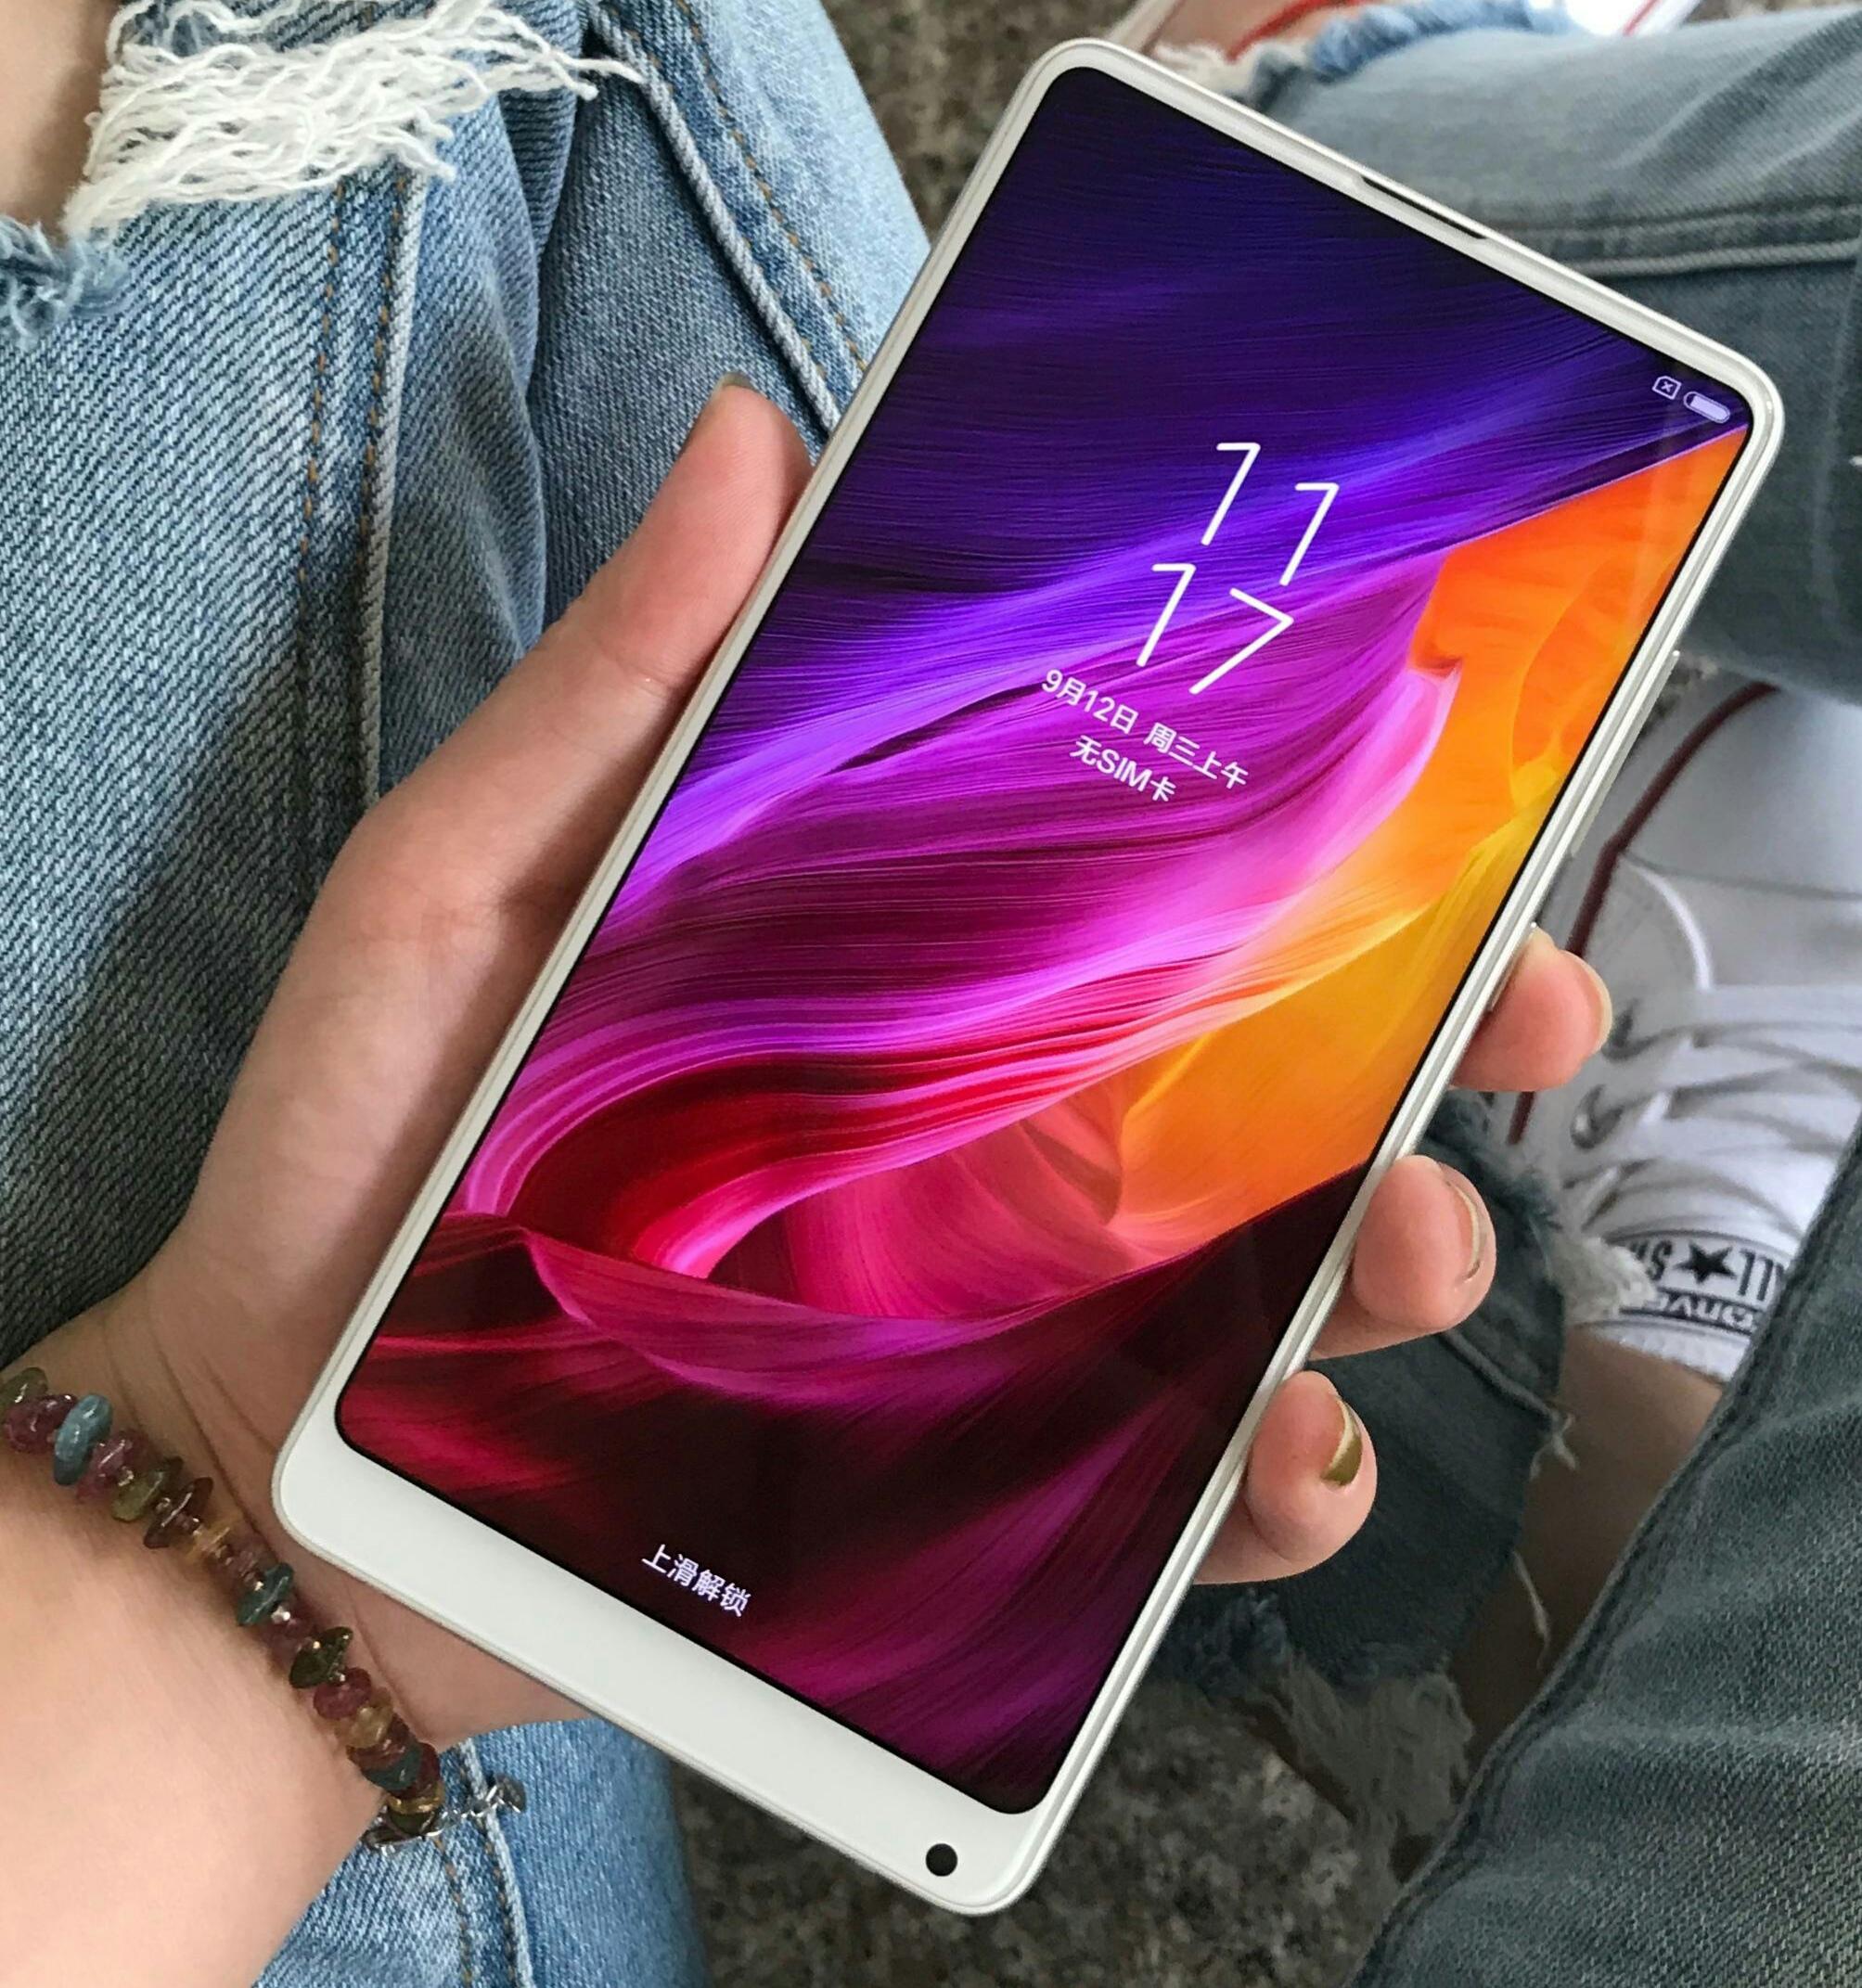 Xiaomi Mi MIX 2S - Wikipedia